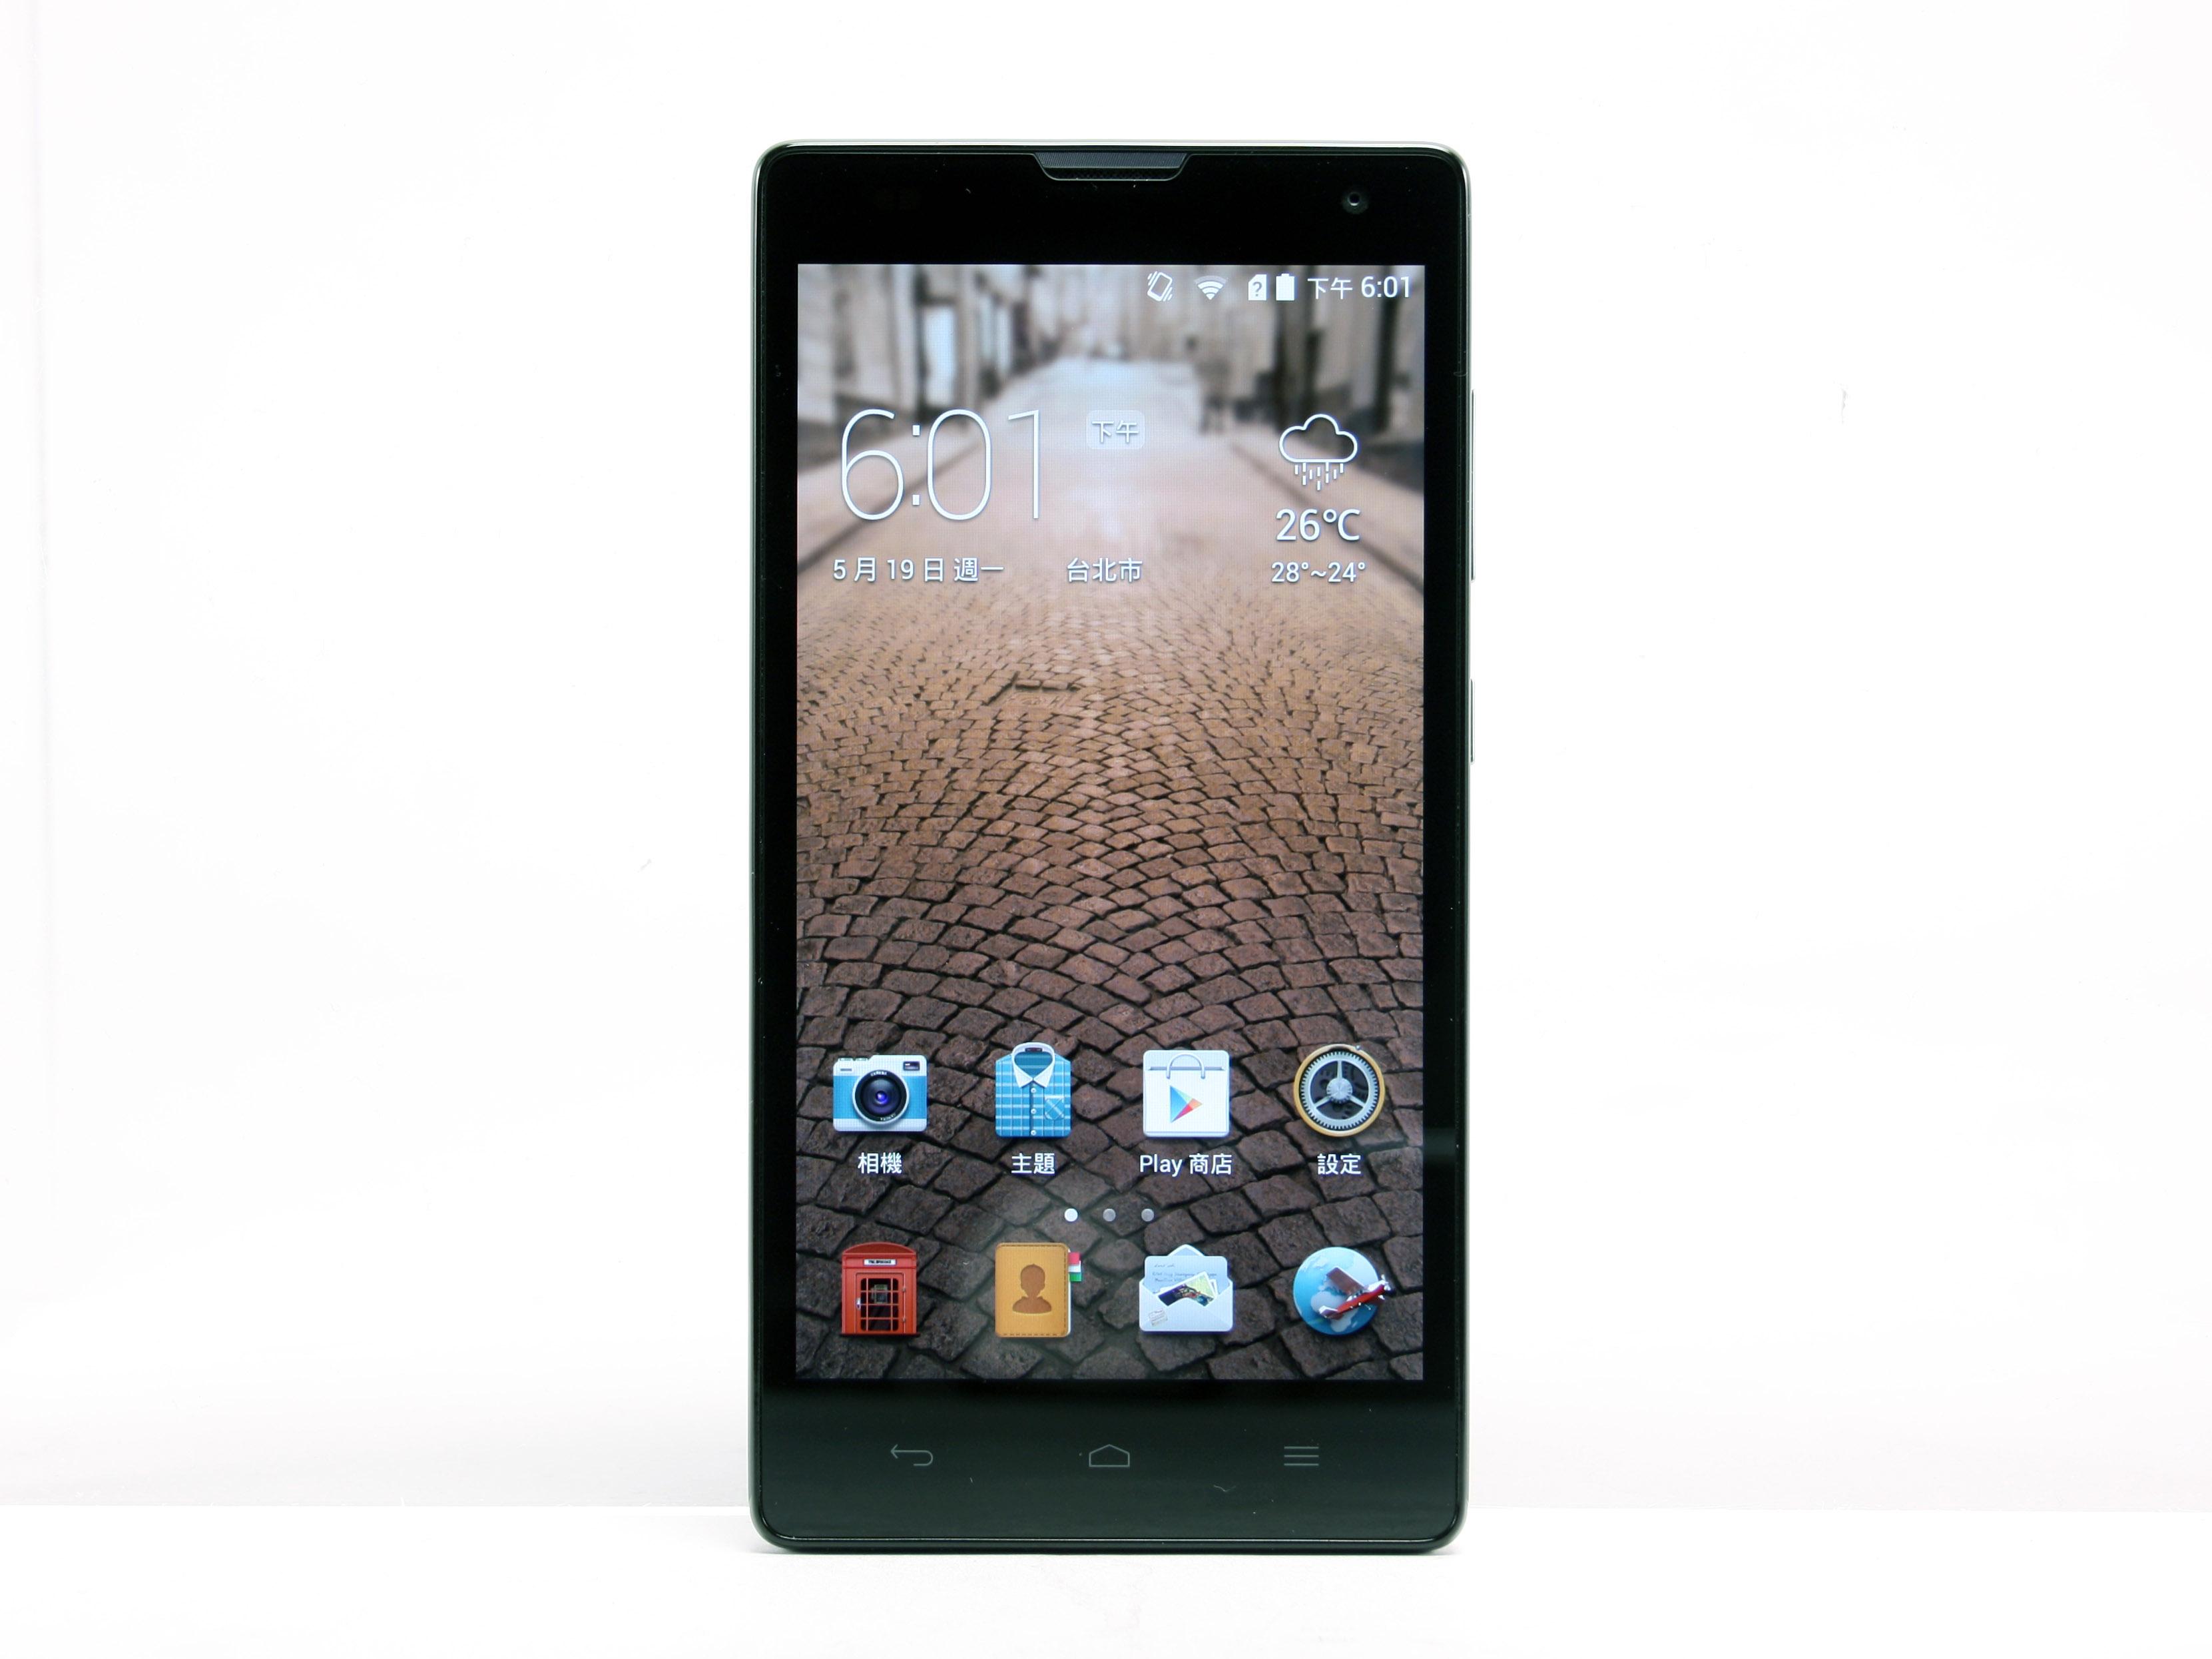 媲美紅米的 Huawei 平價機種「榮耀3C」評測:5吋螢幕、500萬畫素前相機,價格五千有找